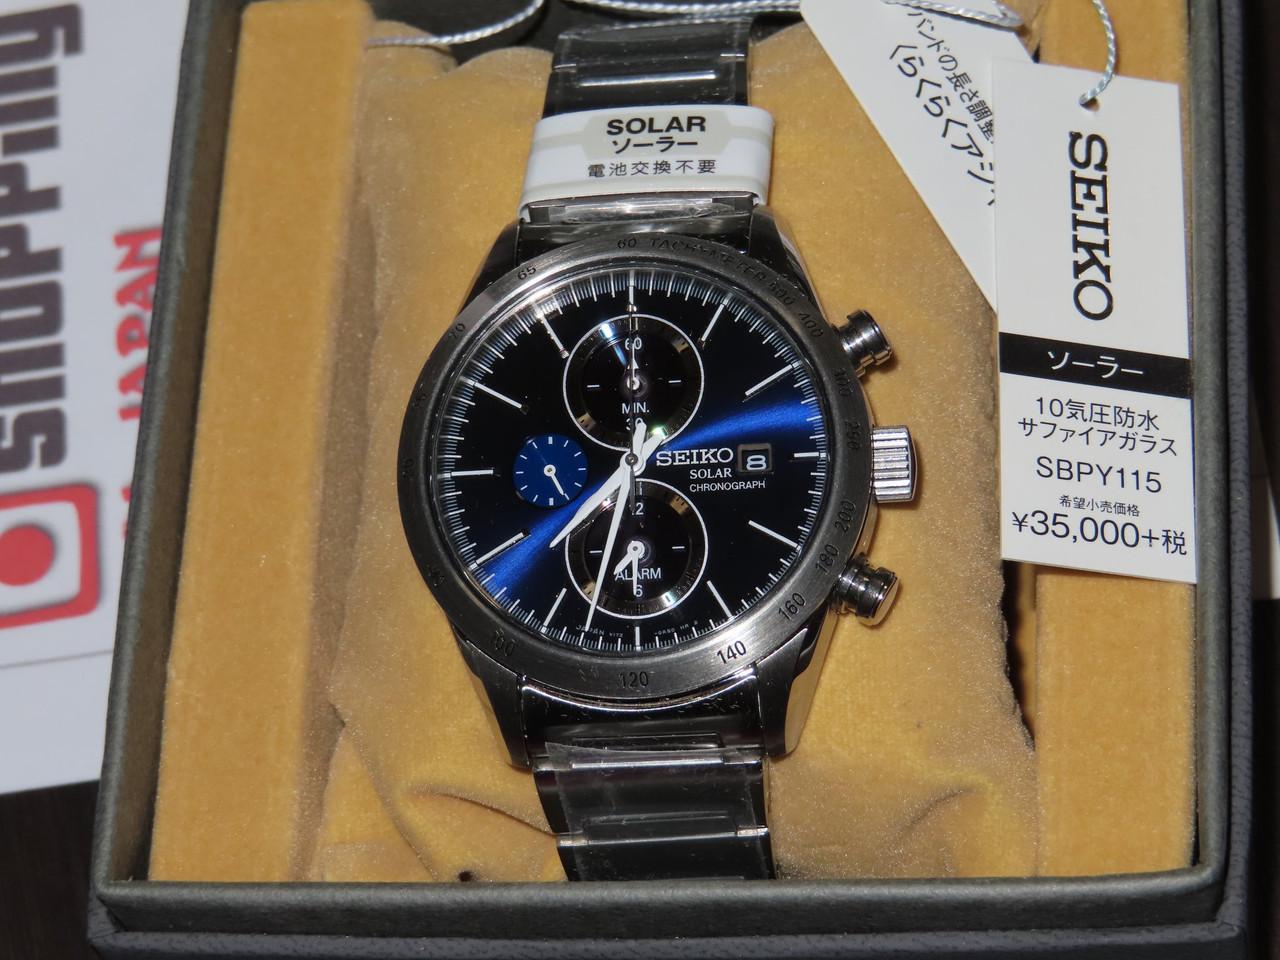 Seiko Spirit Smart SBPY115 Chronograph